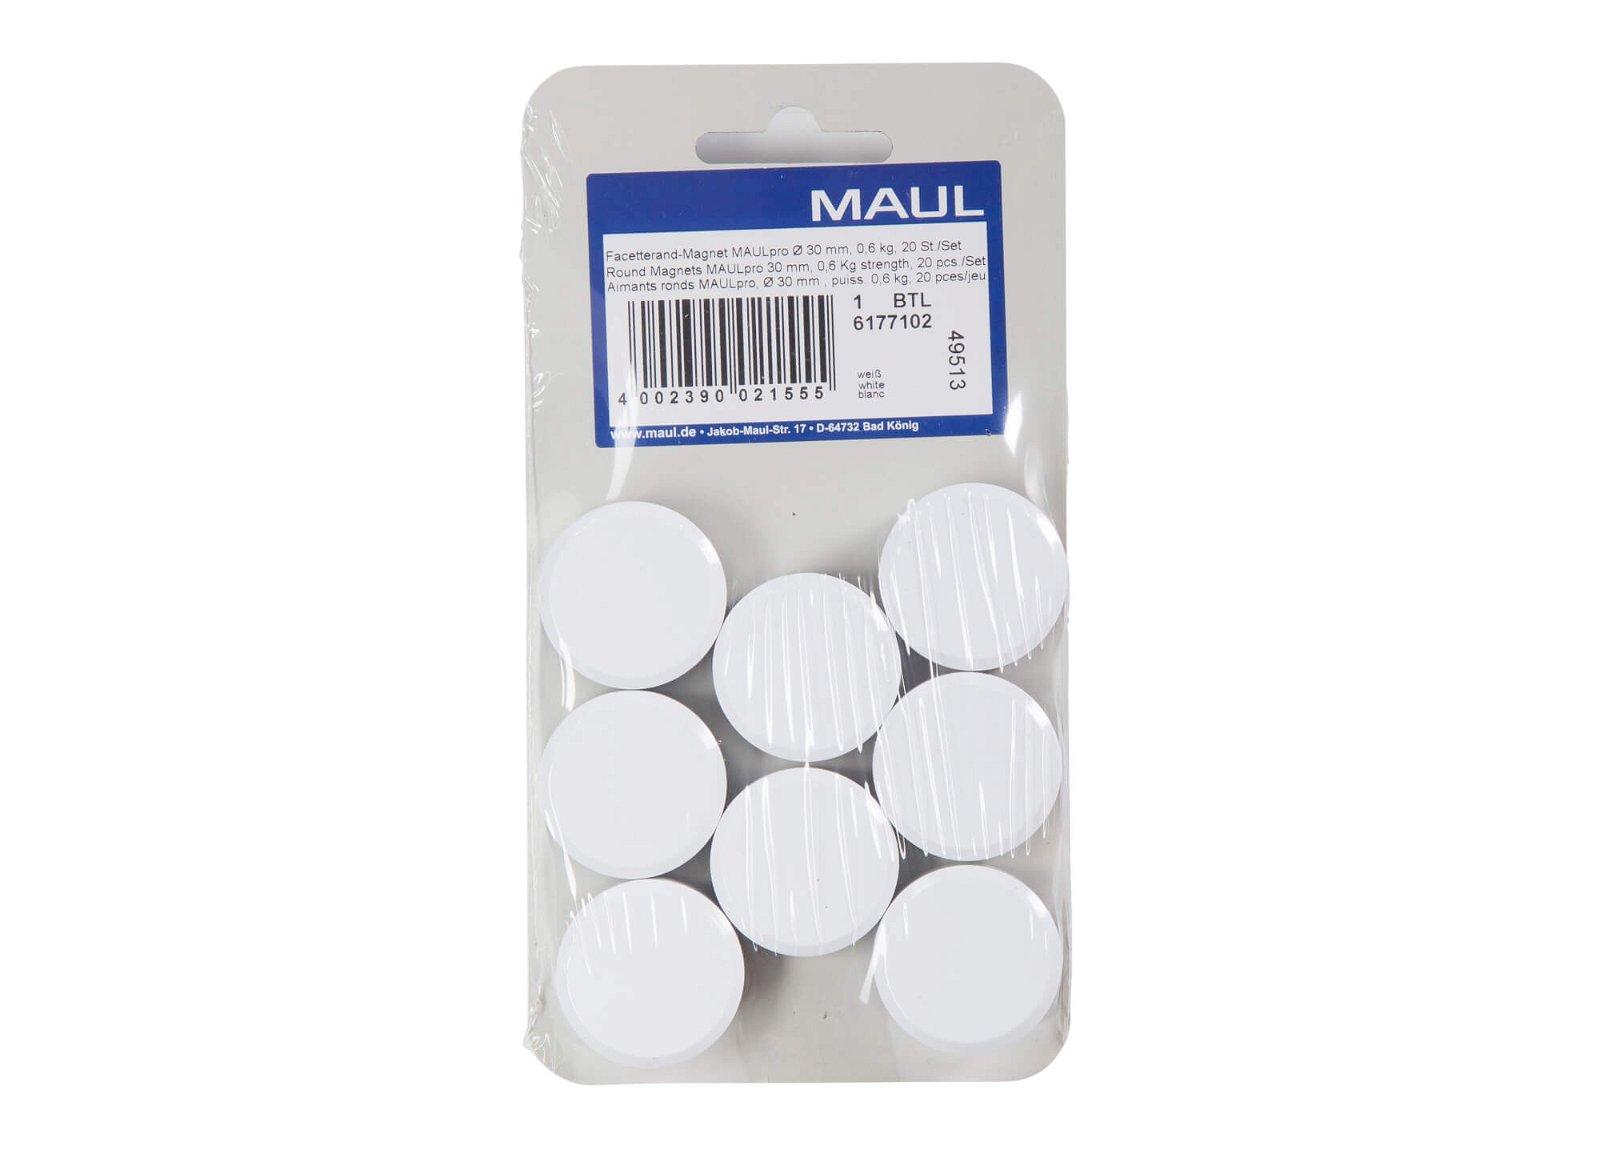 Facetterand-Magnet MAULpro Ø 30 mm, 0,6 kg, 20 St./Set, weiß